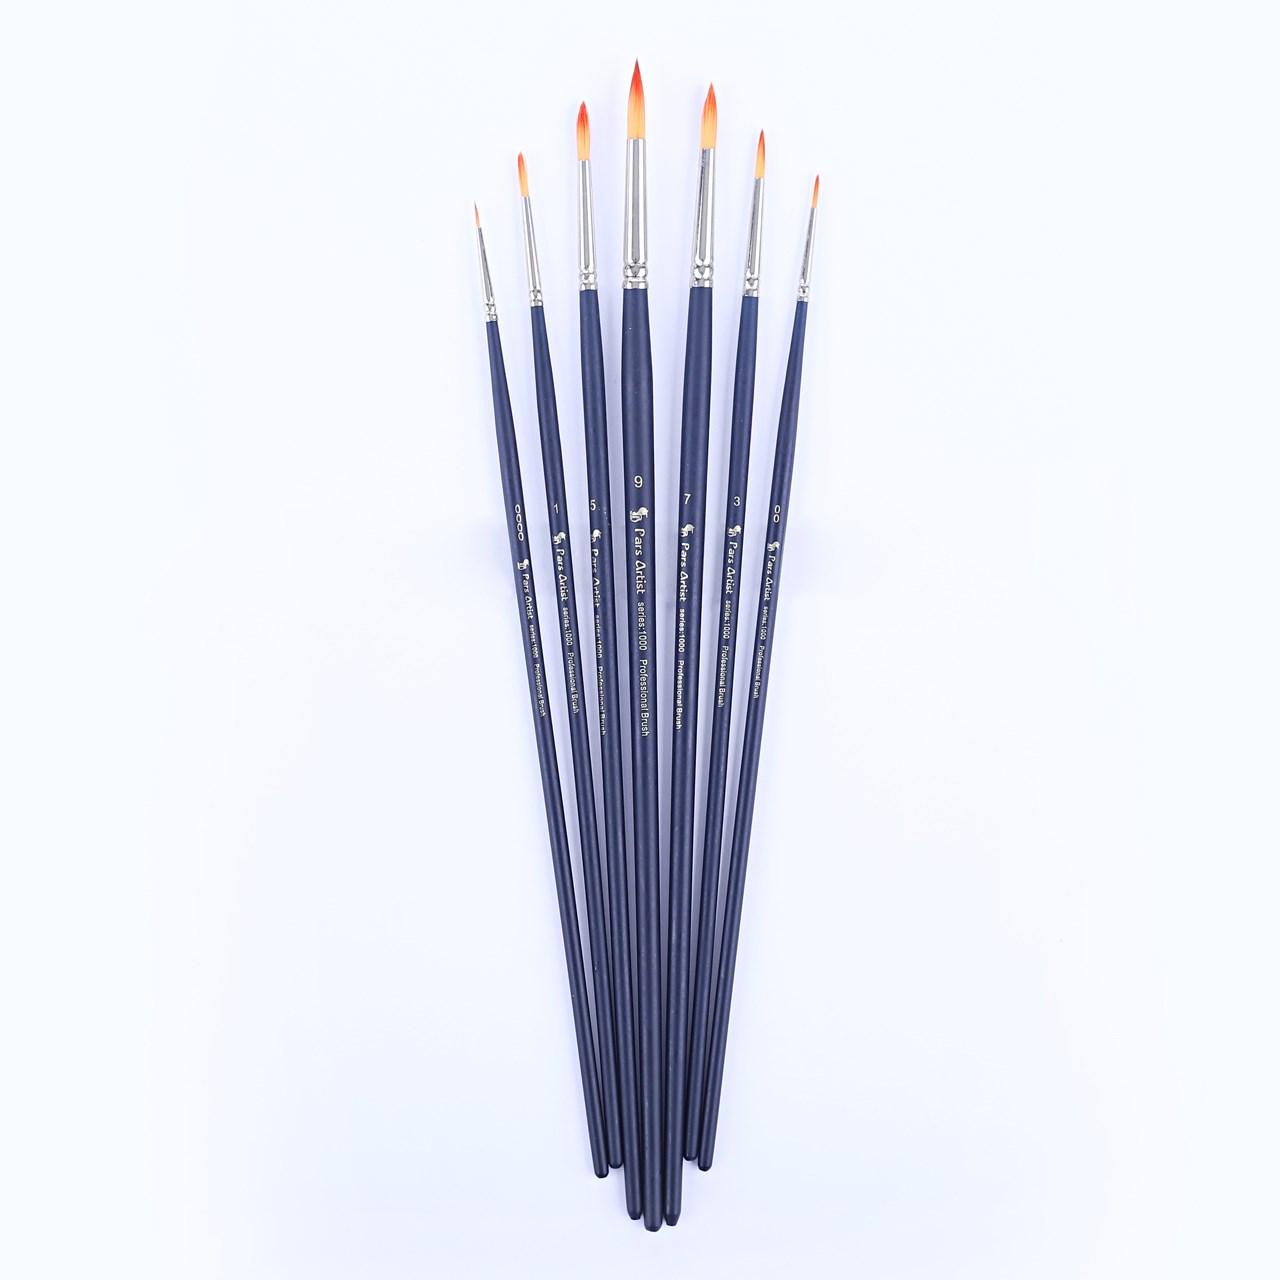 قیمت خرید قلم مو پارس آرتیست کد 1000 مدل گرد دسته بلند ست 7 عددی اورجینال